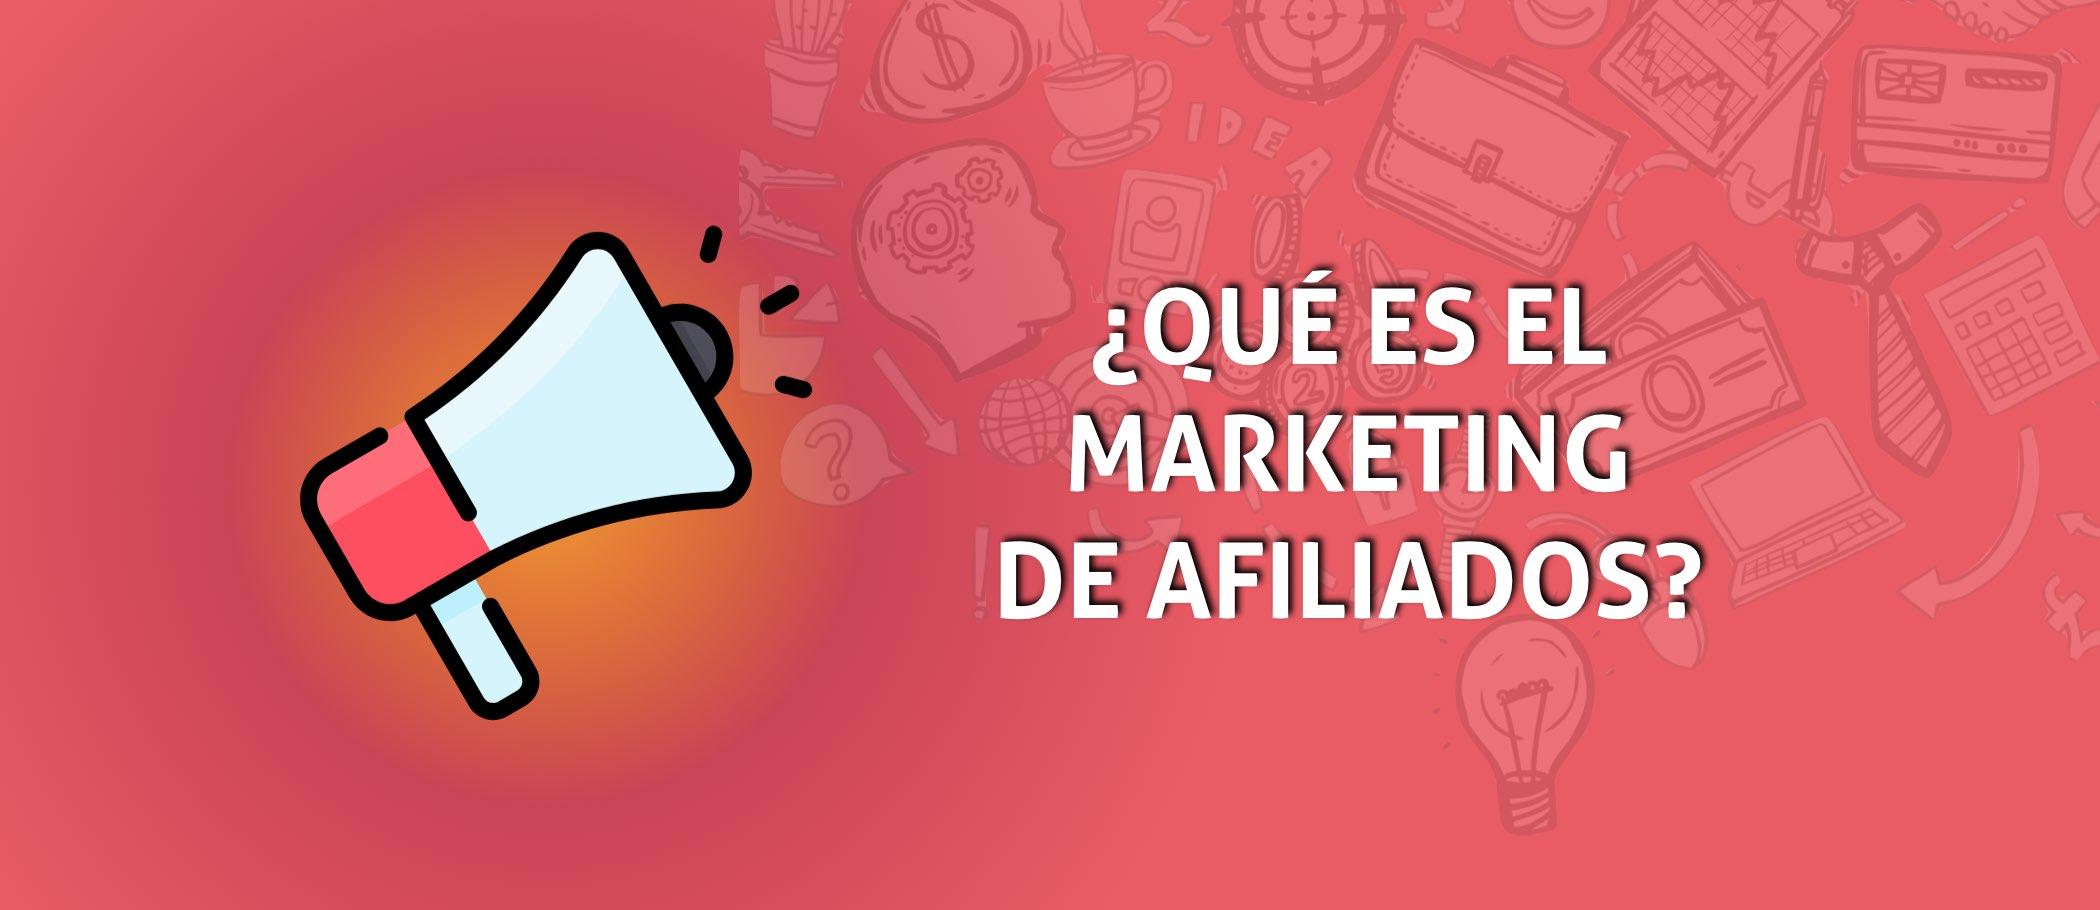 marketing de afiliados